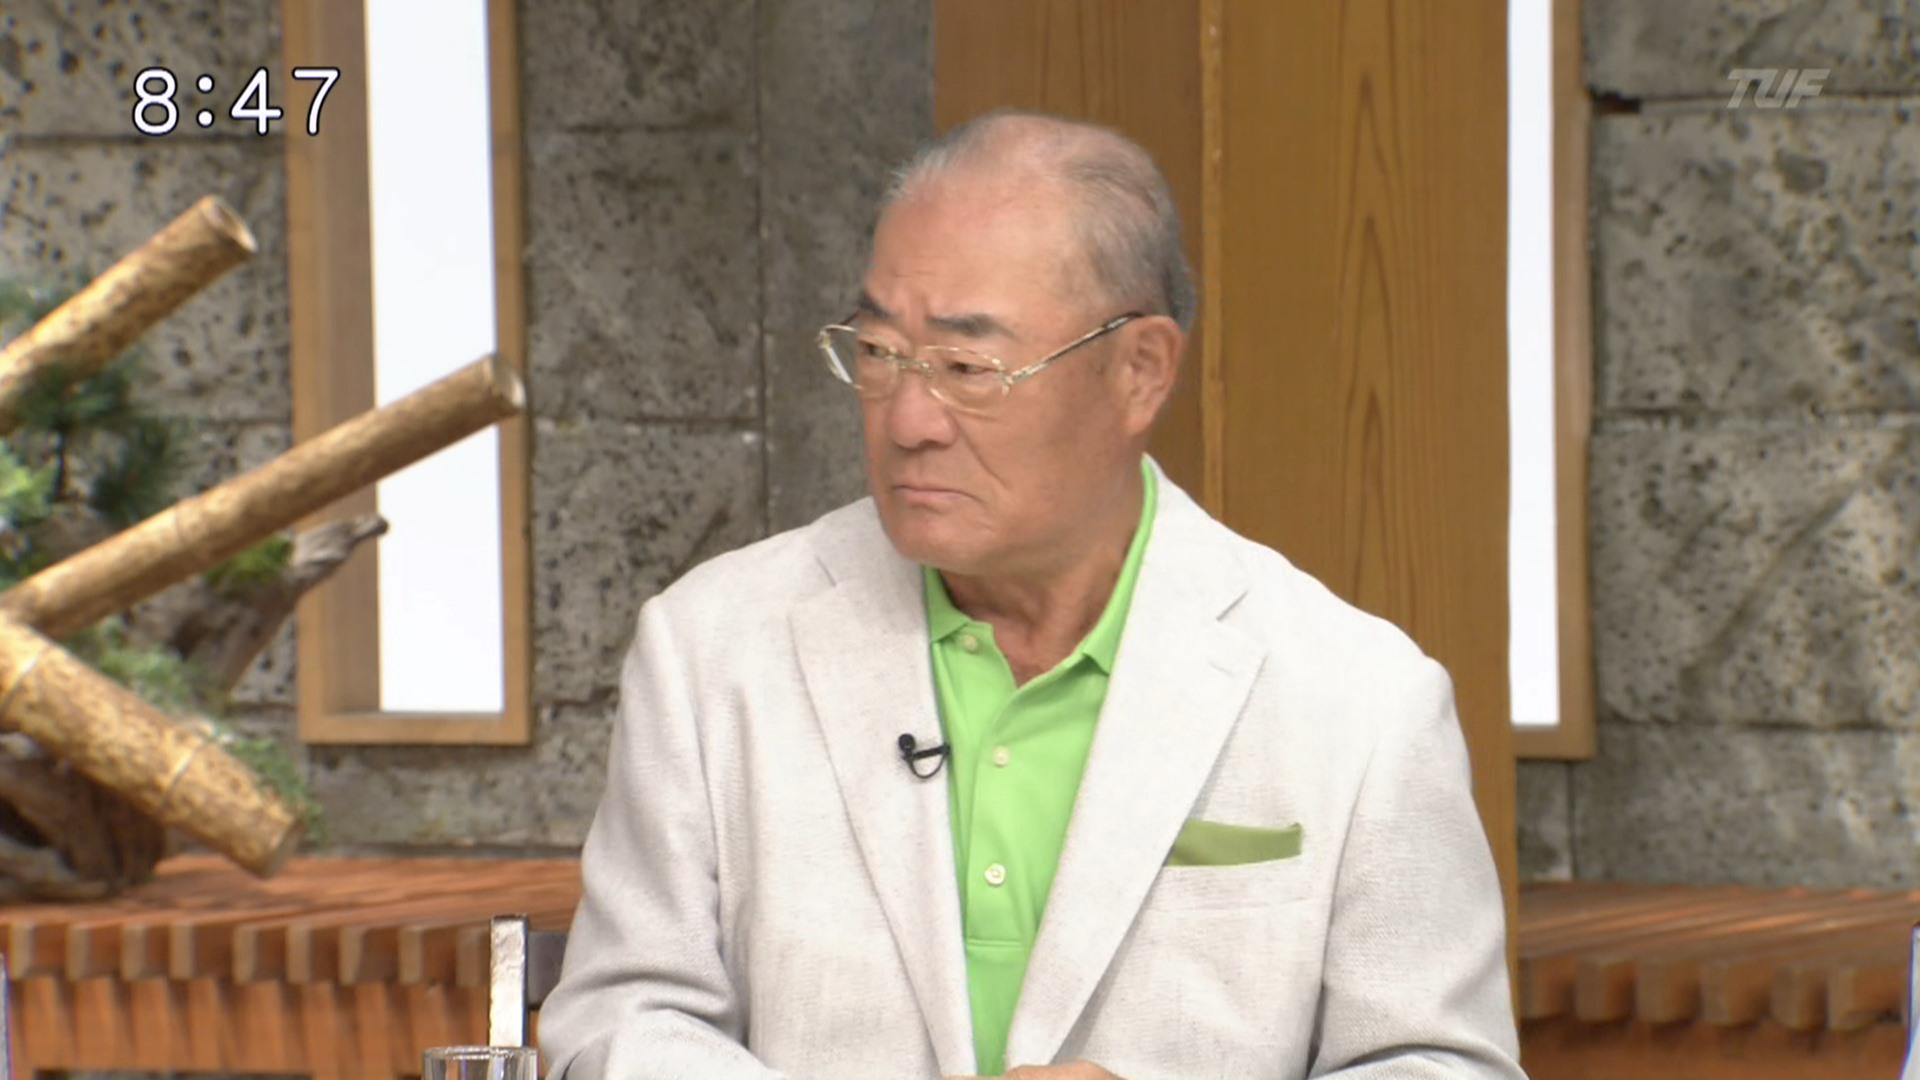 張本さん、京田に喝「リトルリーグでもやらない!」